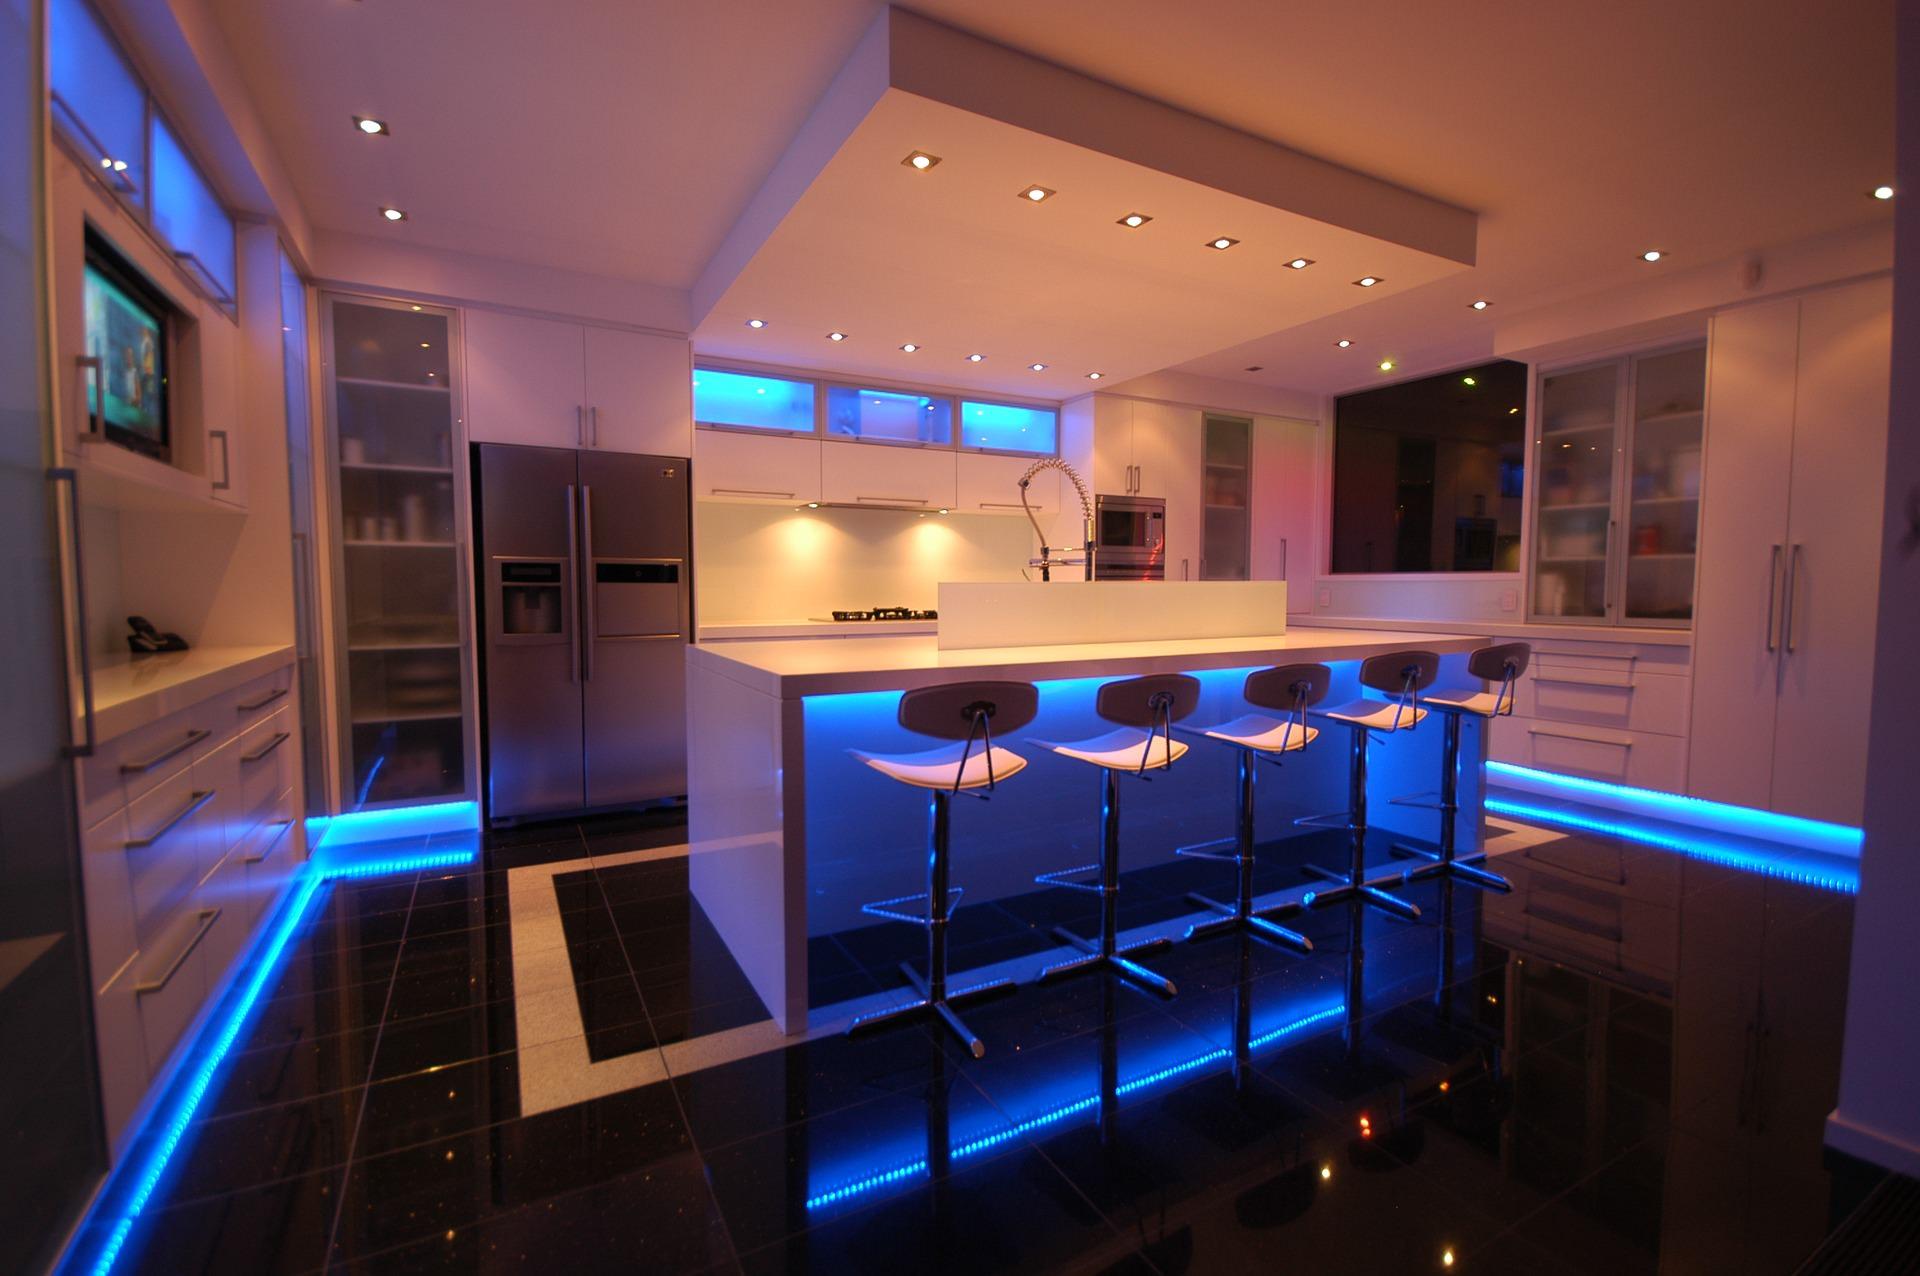 Cmo decorar tu cocina como si se tratase de un bar  Mi